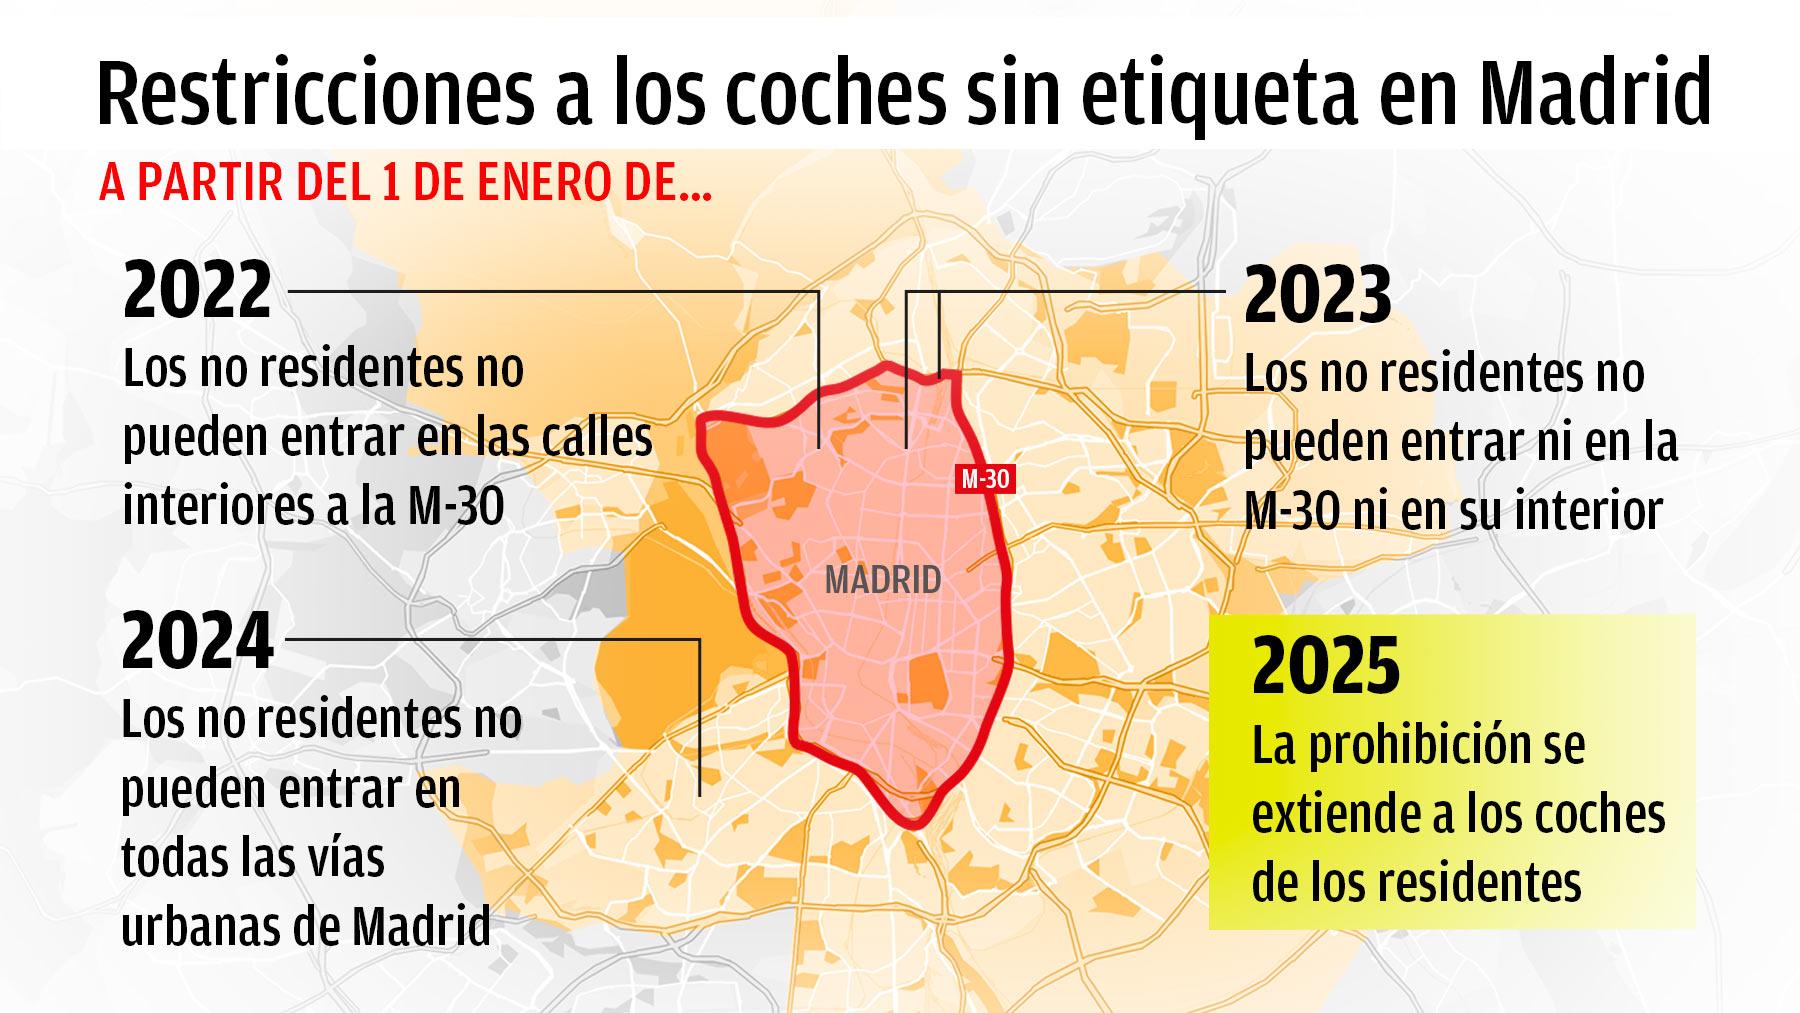 Mapa de restricciones a los coches sin etiqueta en Madrid. (Elaboración: OKDIARIO)